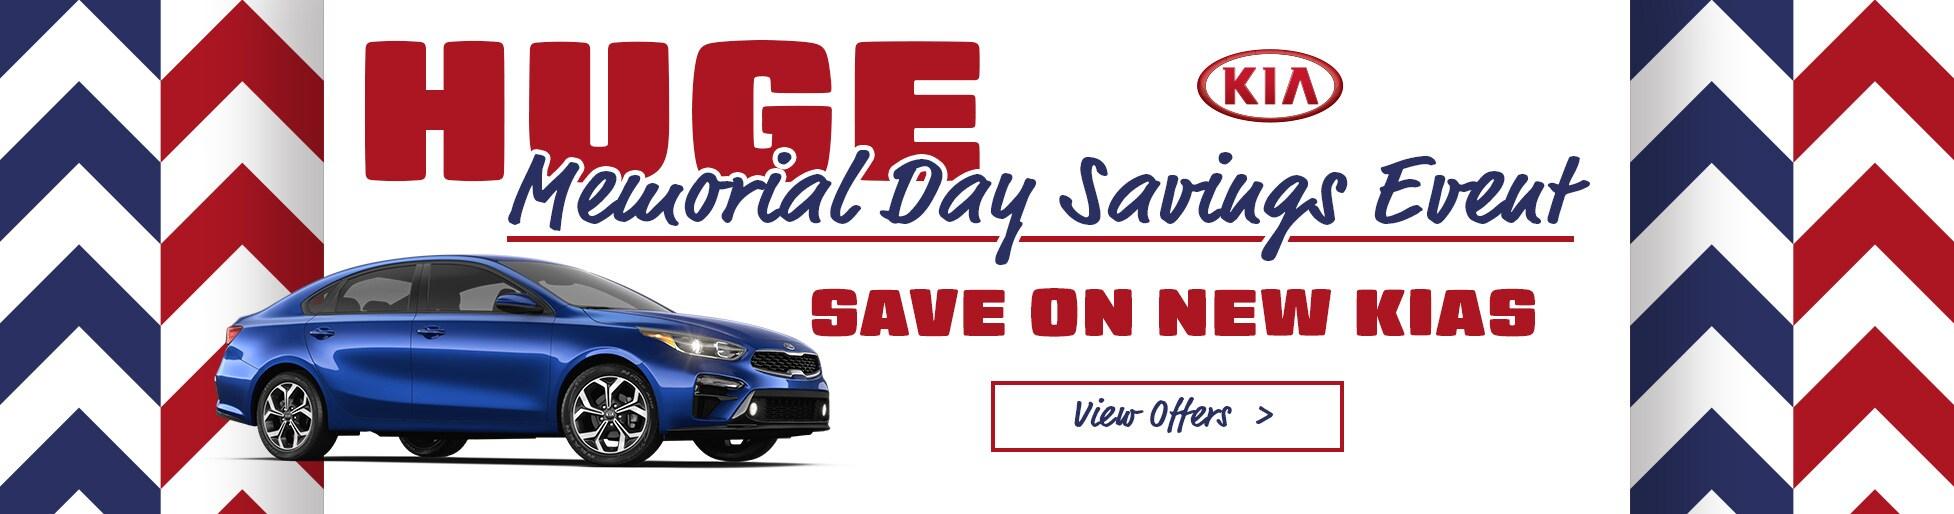 Napleton River Oaks Kia Kia Dealership Kia Cars Kia Dealer